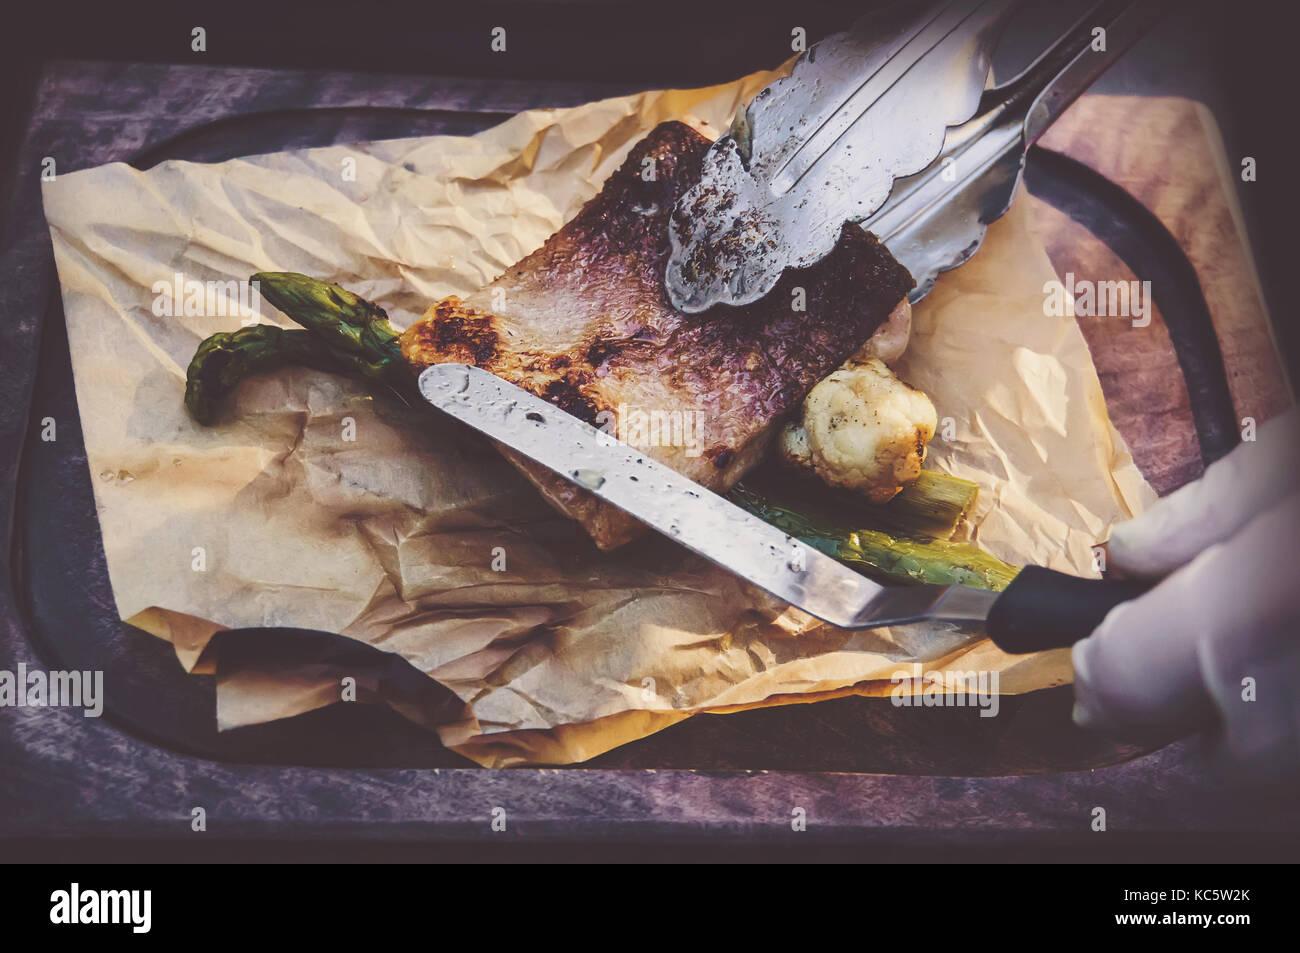 Prozess der Küche Fisch. Hände Köche in saubere, weiße Handschuhe setzt gegrillten Fisch auf Stockbild